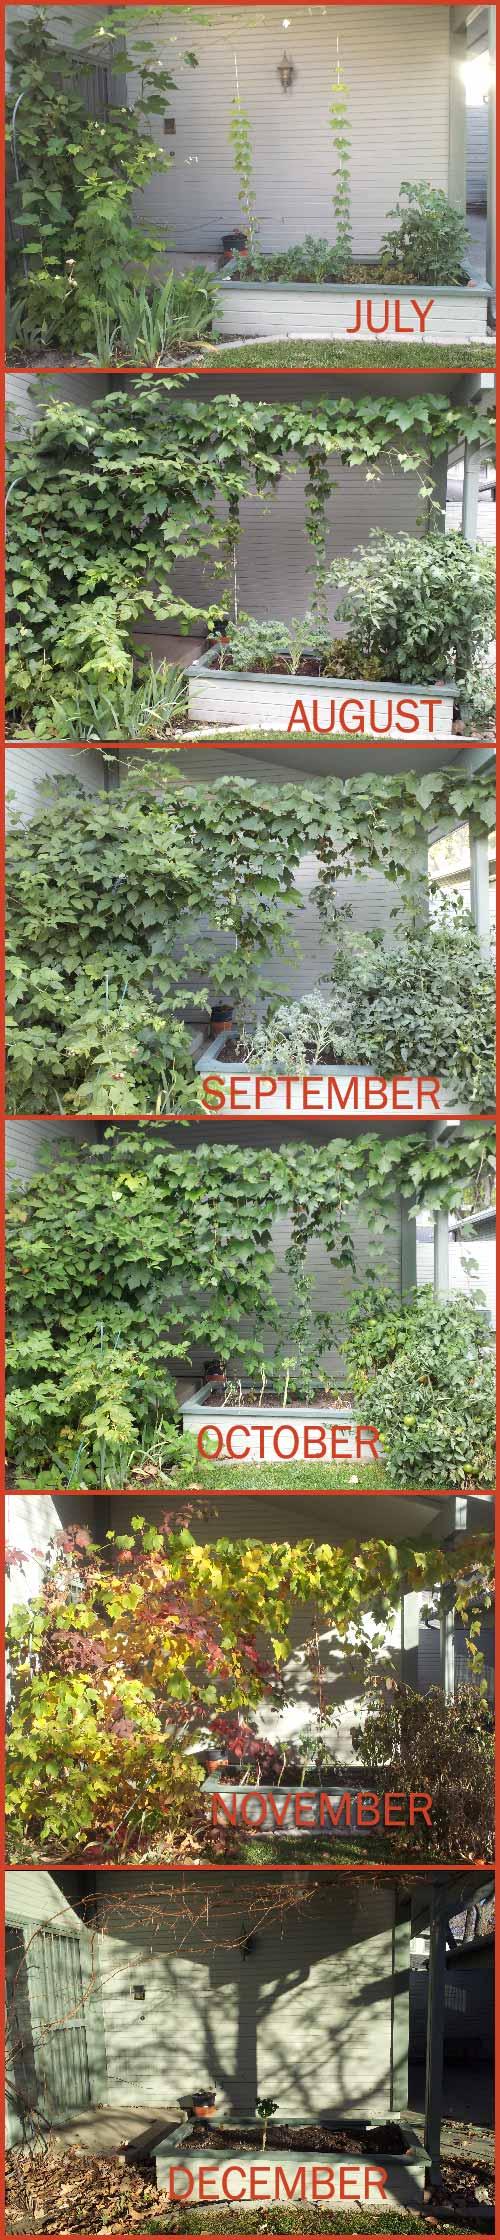 My garden through the year